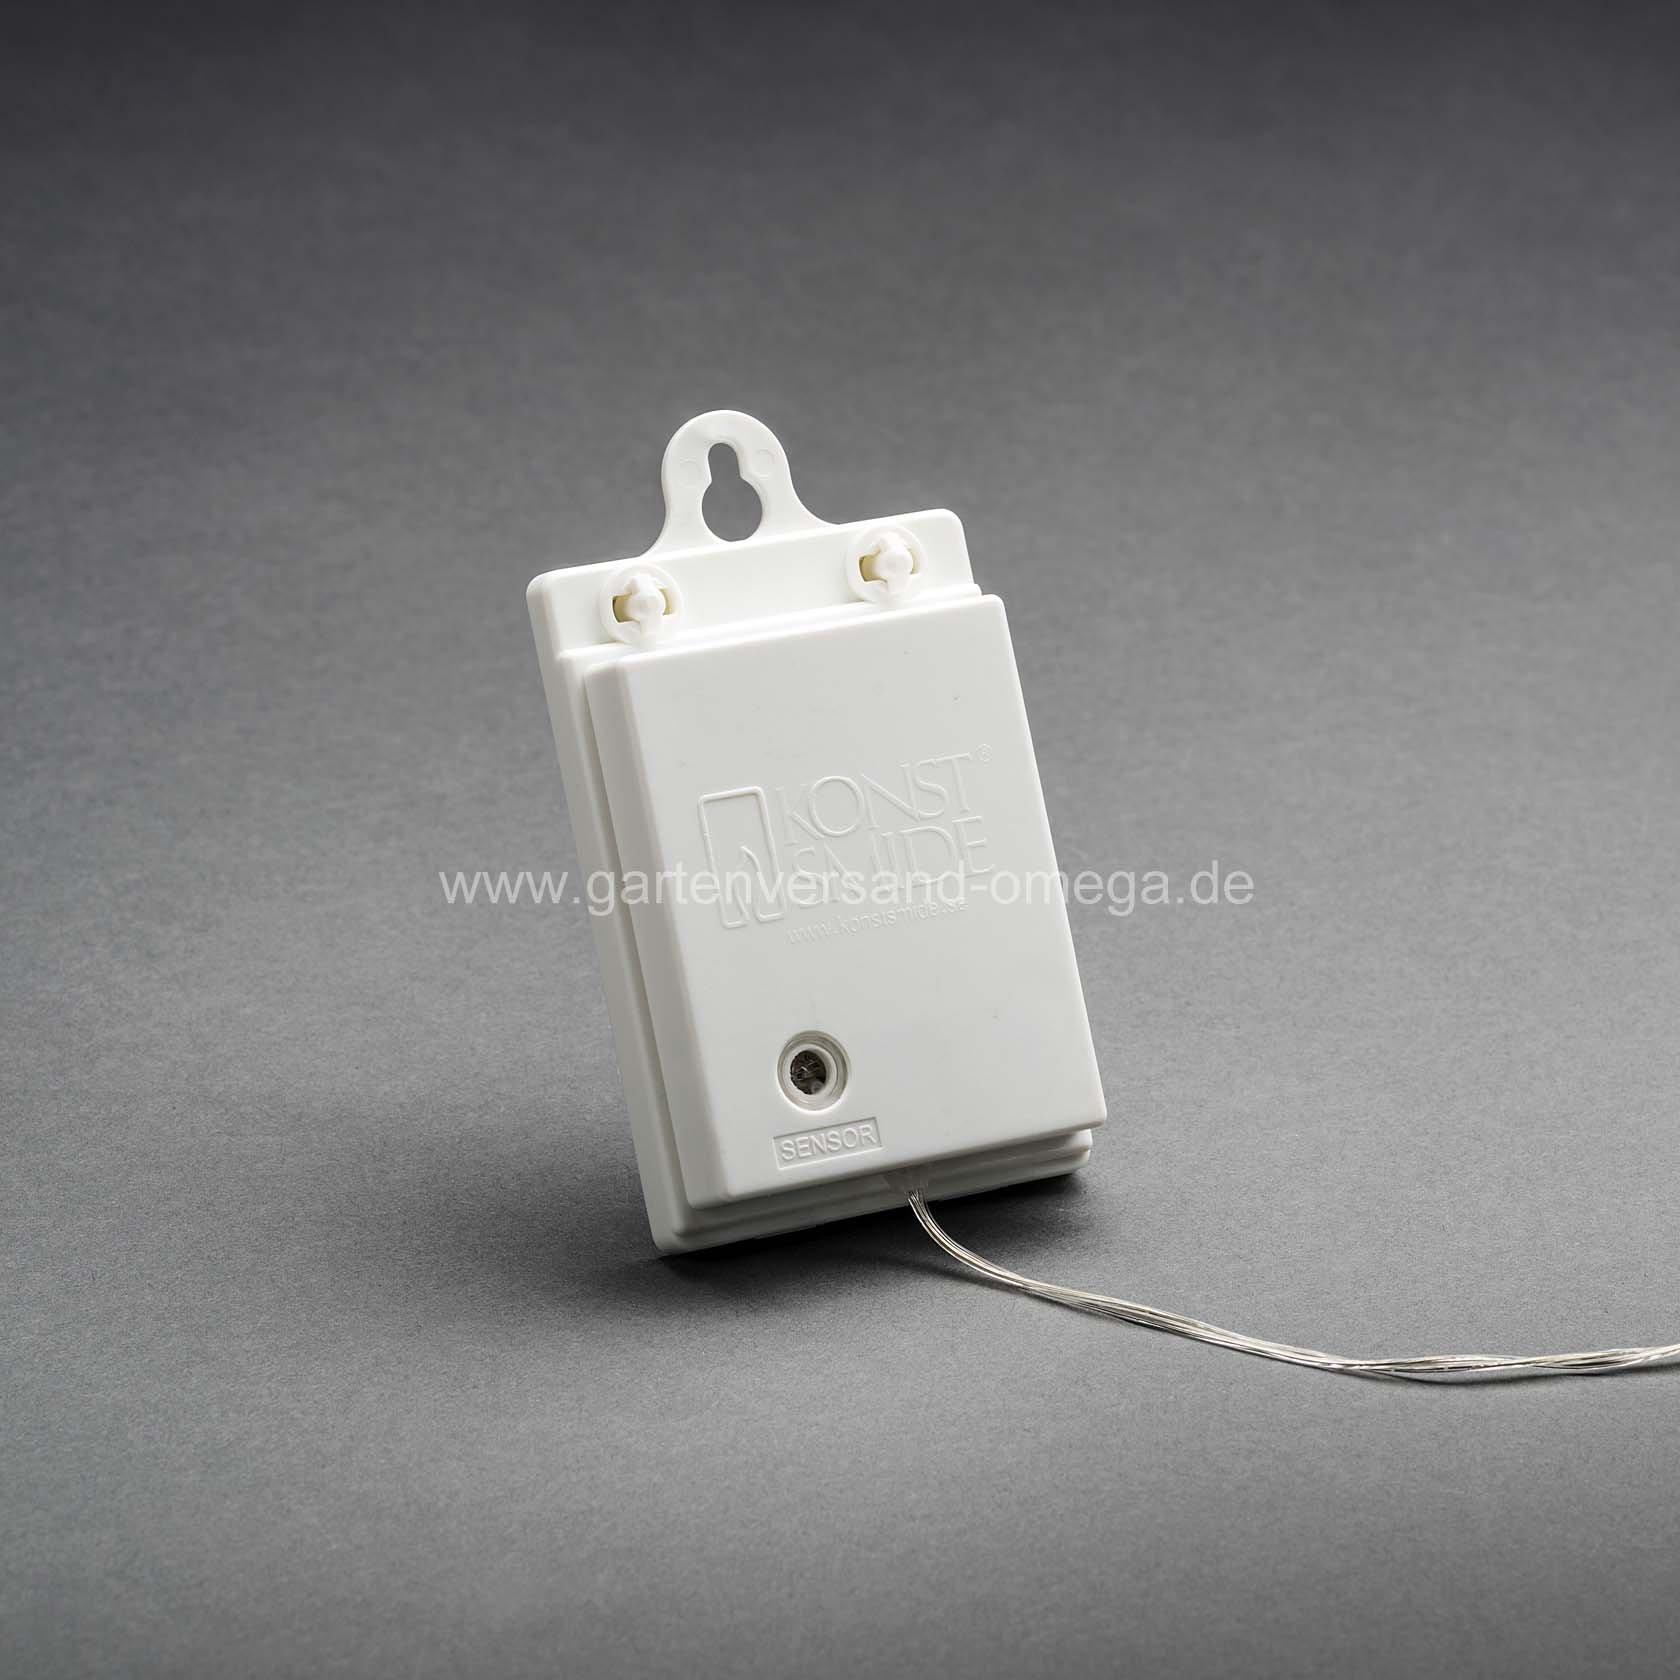 Batteriebetriebene lichterkette mit acrylsternen 80 led lichterkette mit timer lichterkette - Weihnachtsbeleuchtung batterie ...